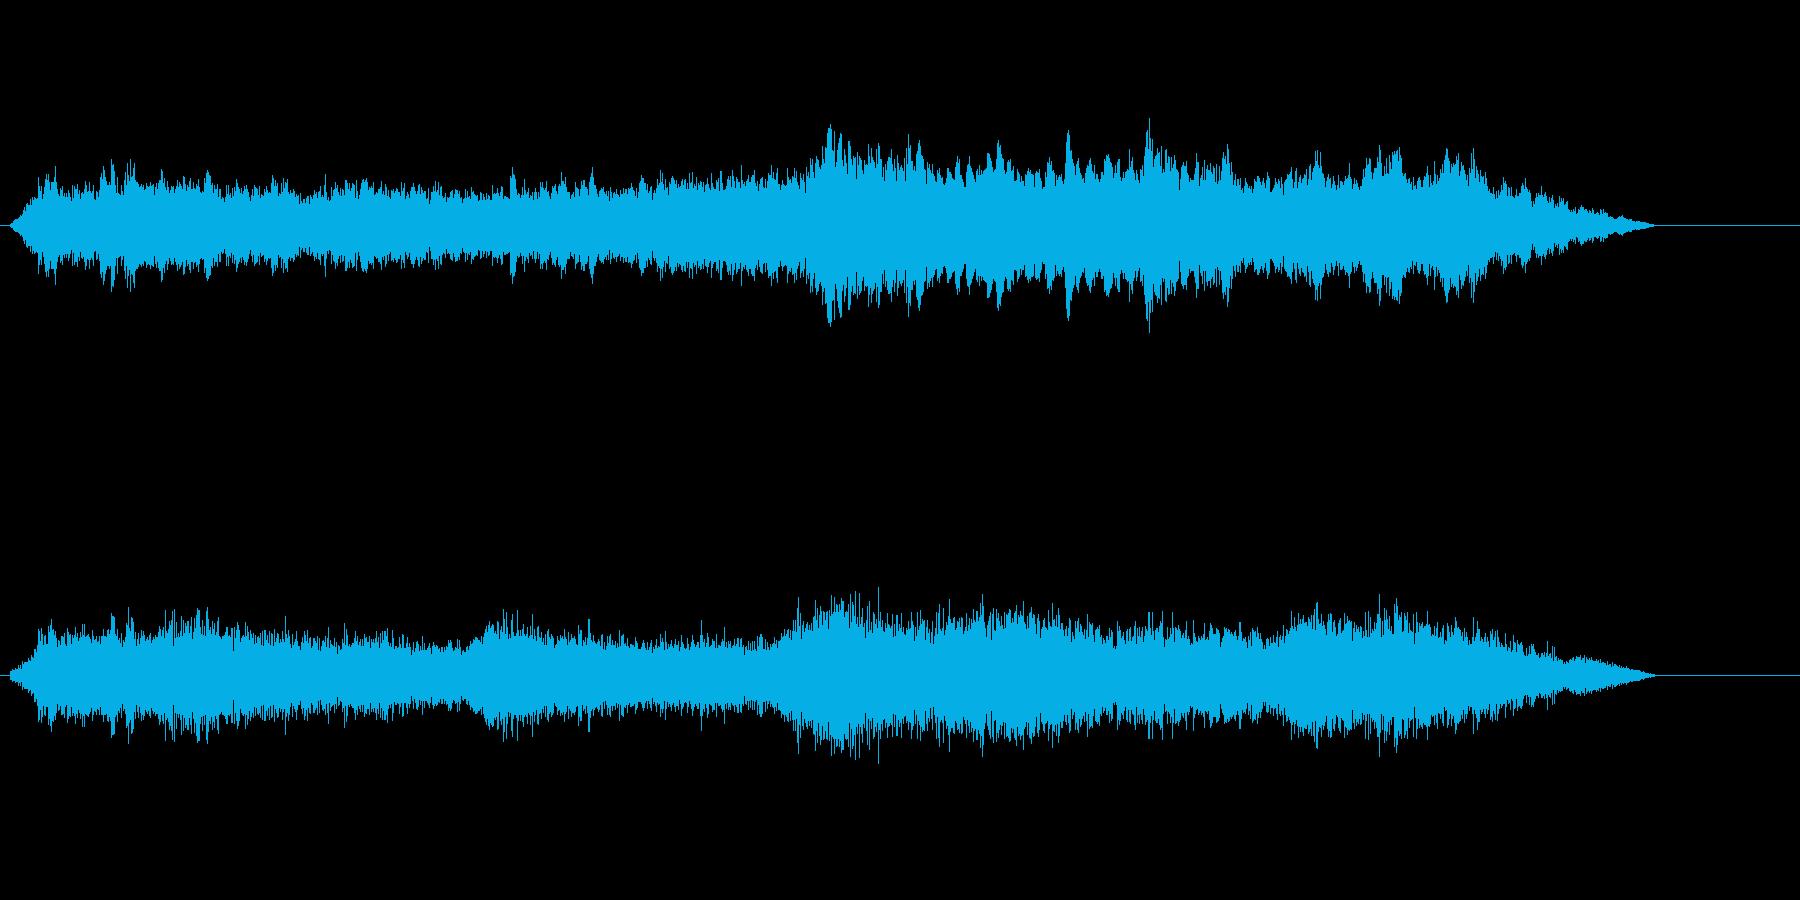 テクノロジー、ミステリアス、技術紹介、①の再生済みの波形